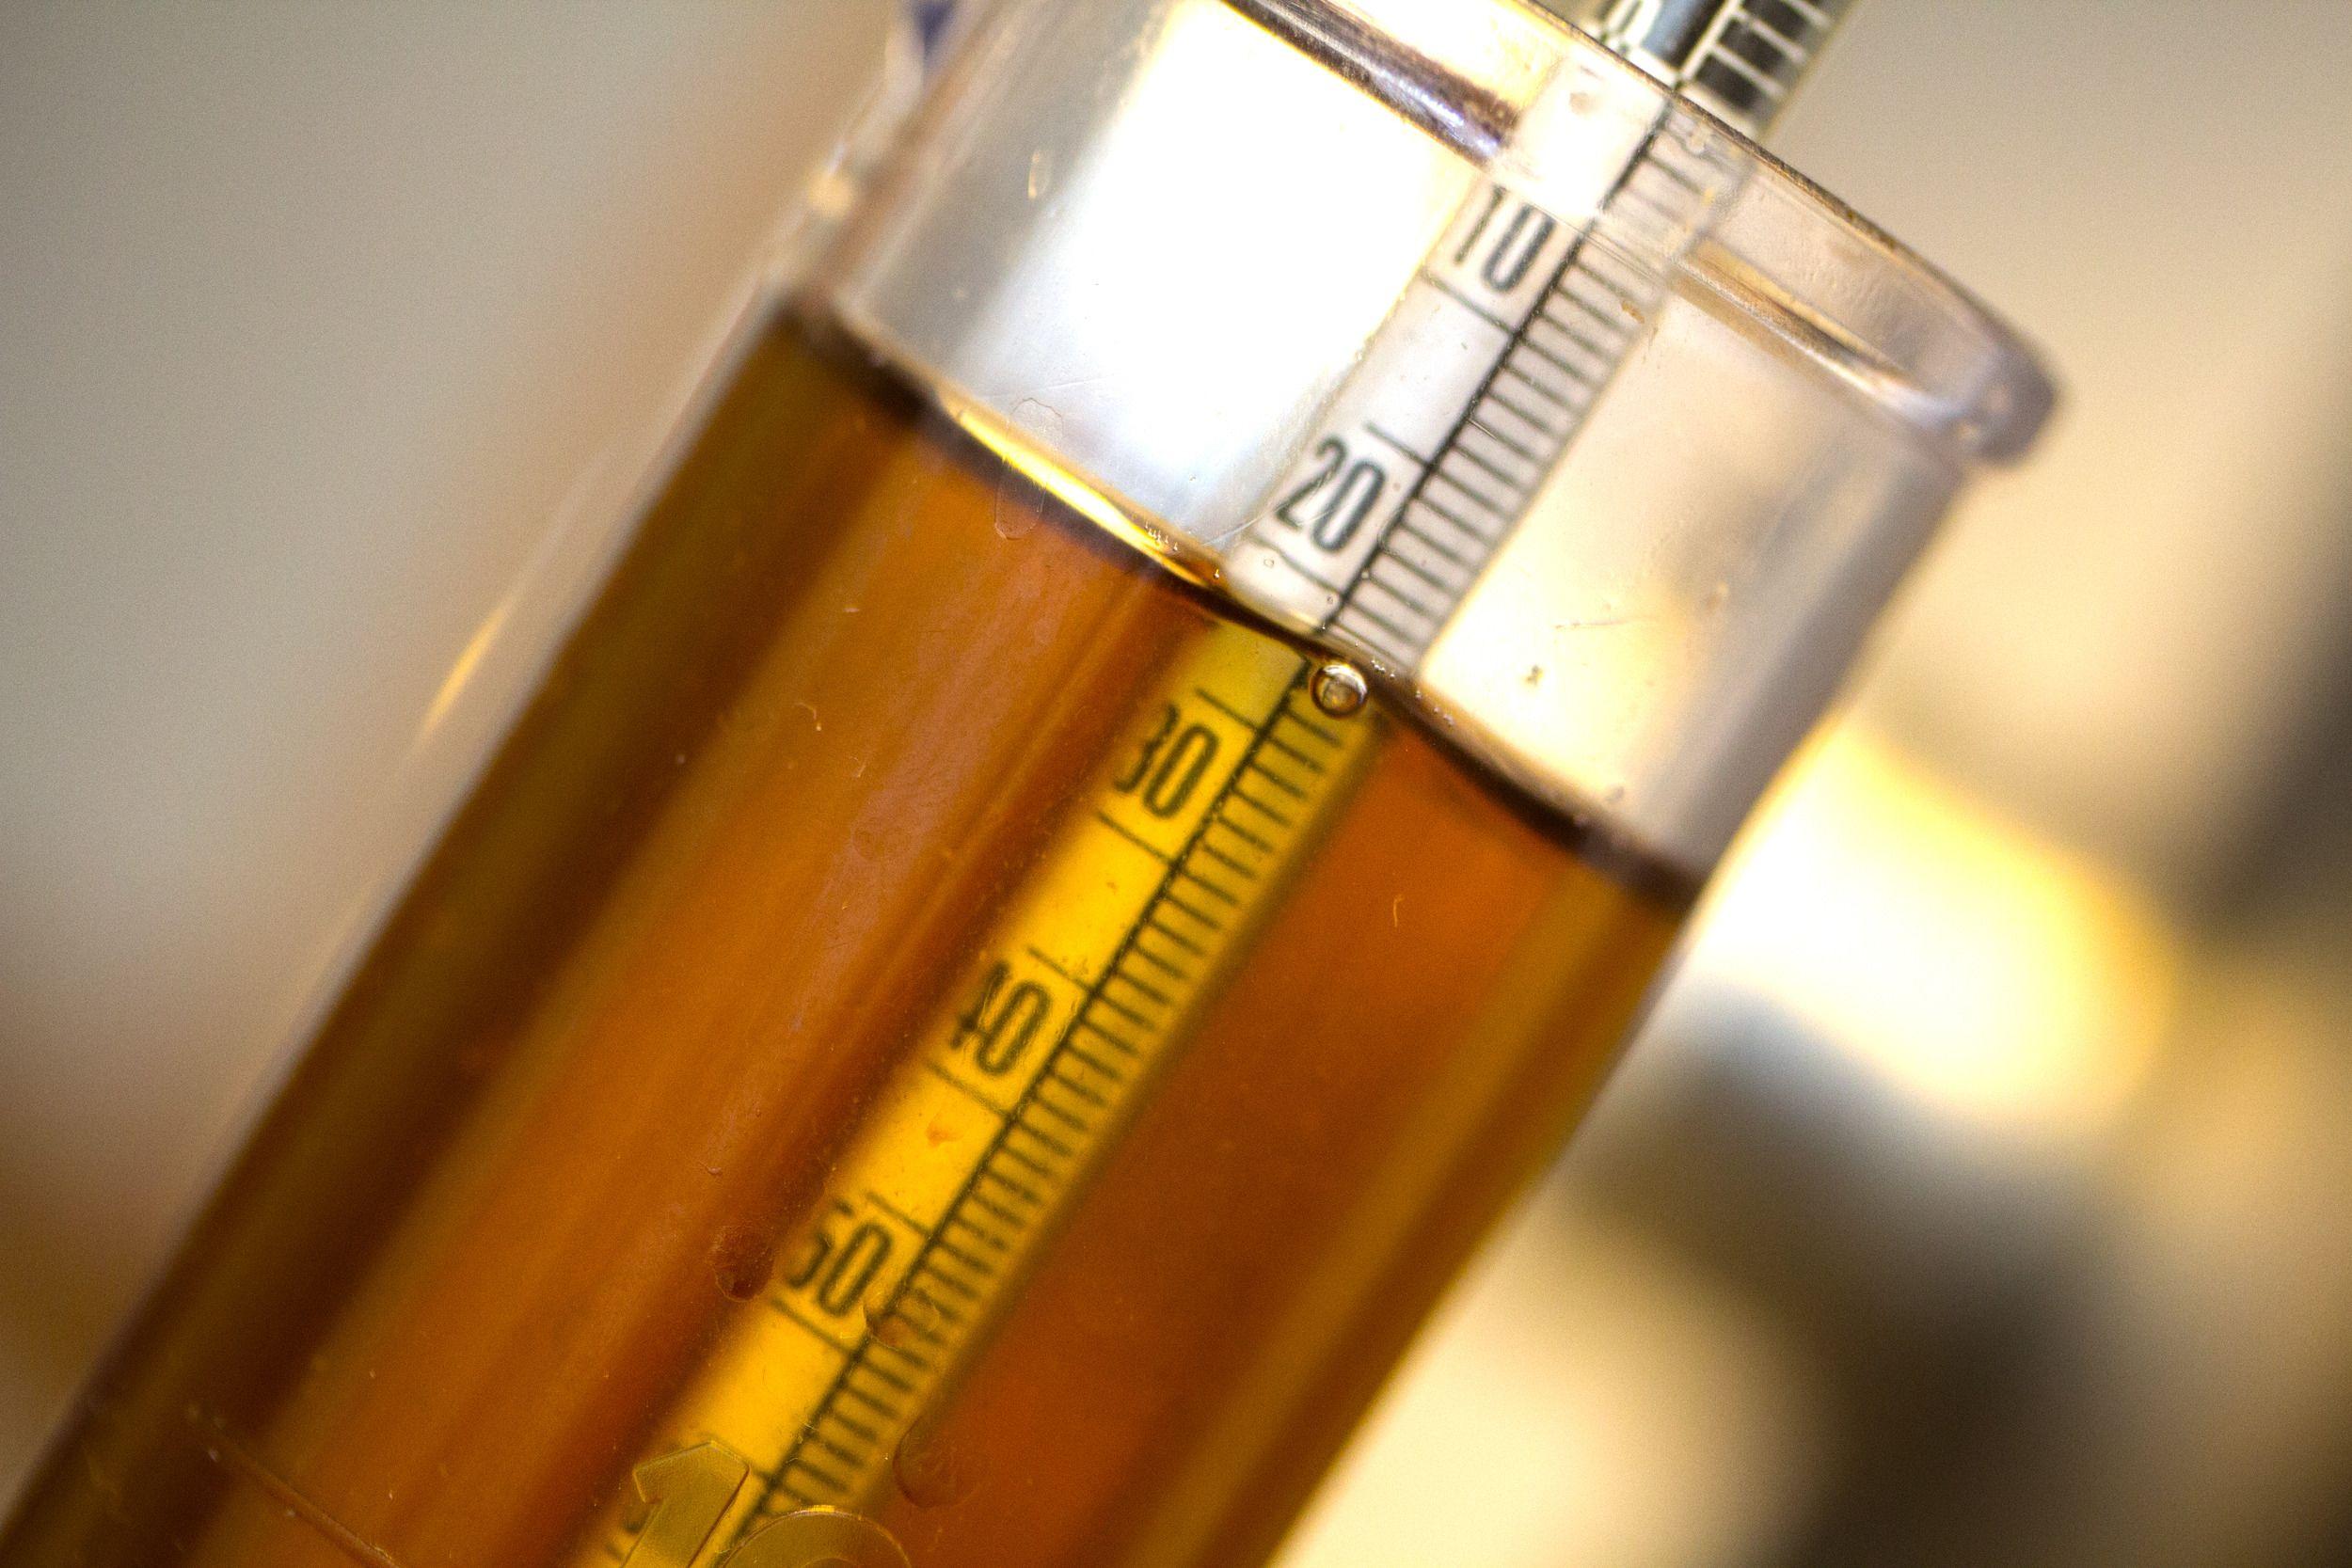 Det er ikke nødvendig med en gang, men du bør rimelig snart skaffe deg en oechslevekt. Den brukes for å måle maltose-innholdet i vørteren og det ferdige ølet. Foto: Rolf B. Wegner, Hardware.no